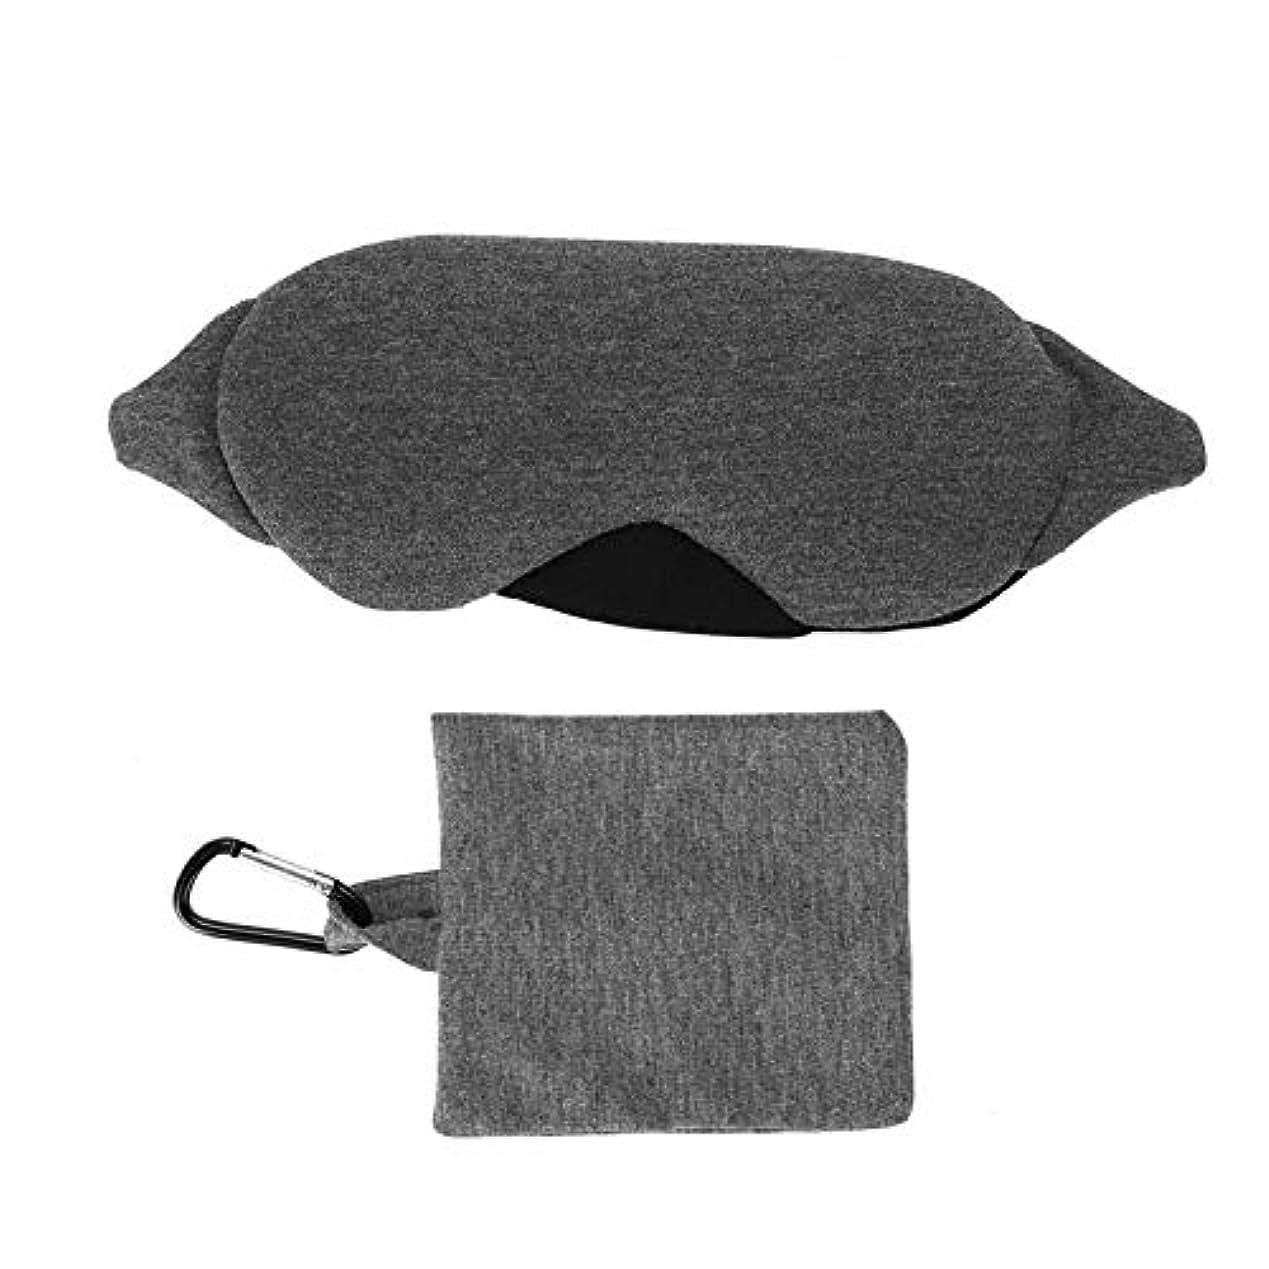 遅らせる入るタイヤNOTE 調節可能な睡眠マスク通気性アイシェードカバー目隠しアイパッチ睡眠マスク助けて不眠症ヘルスケアツール